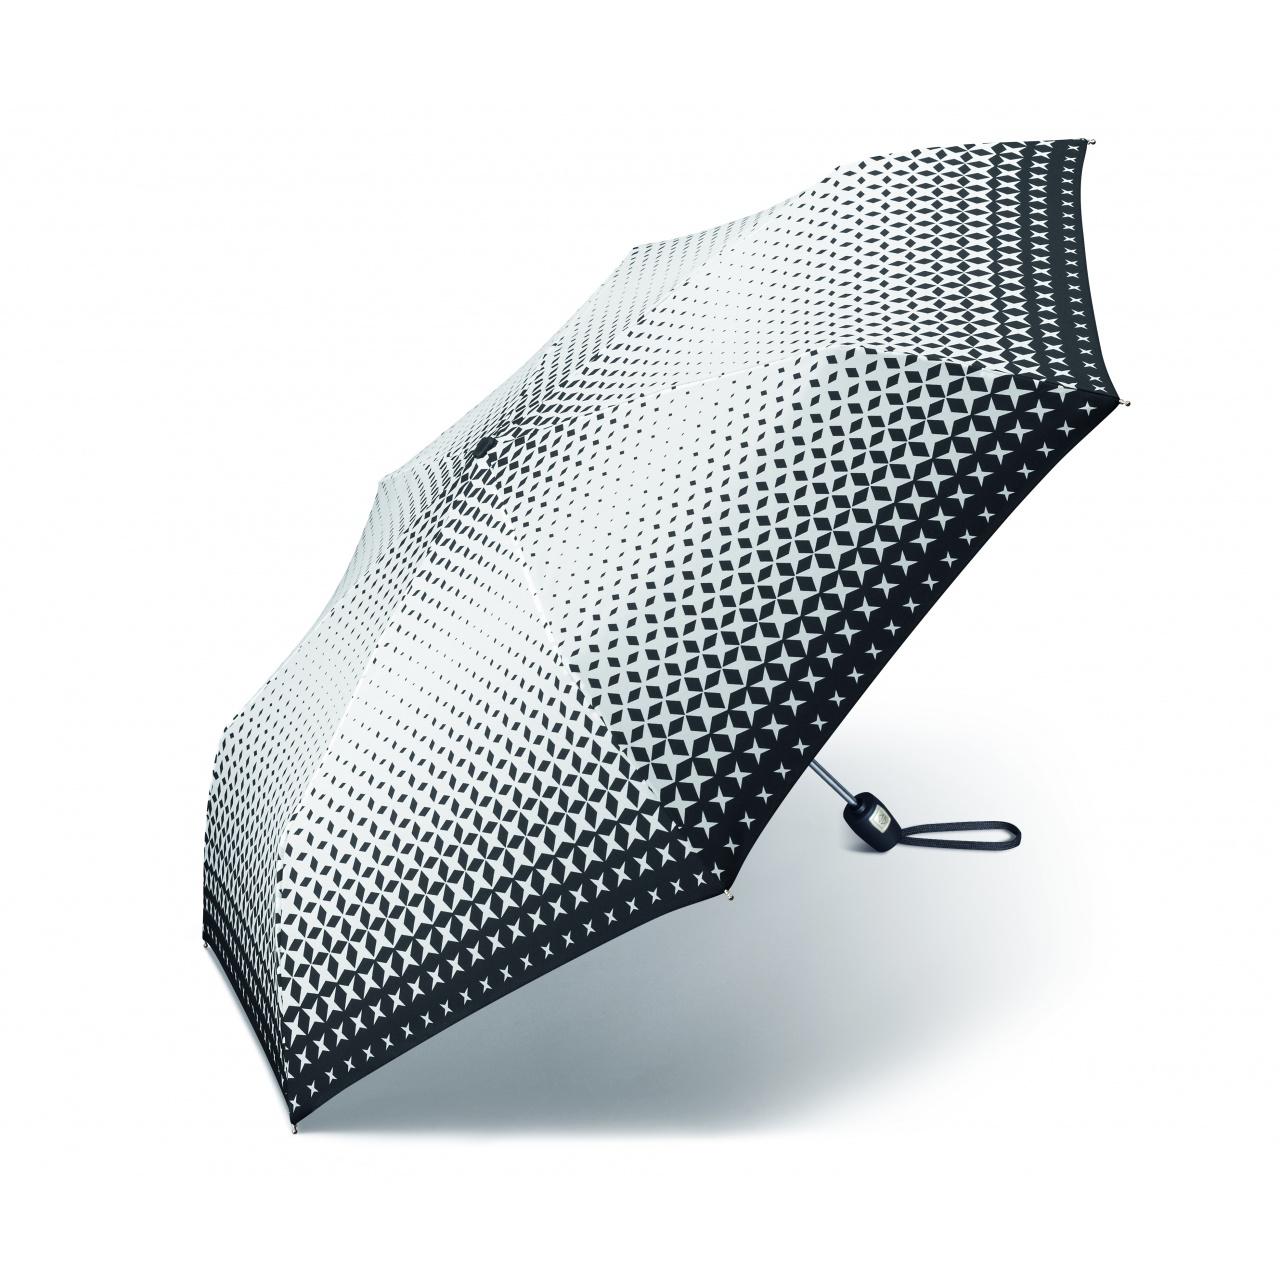 Umbrelă automată Esprit Easymatic Slimline Degradee